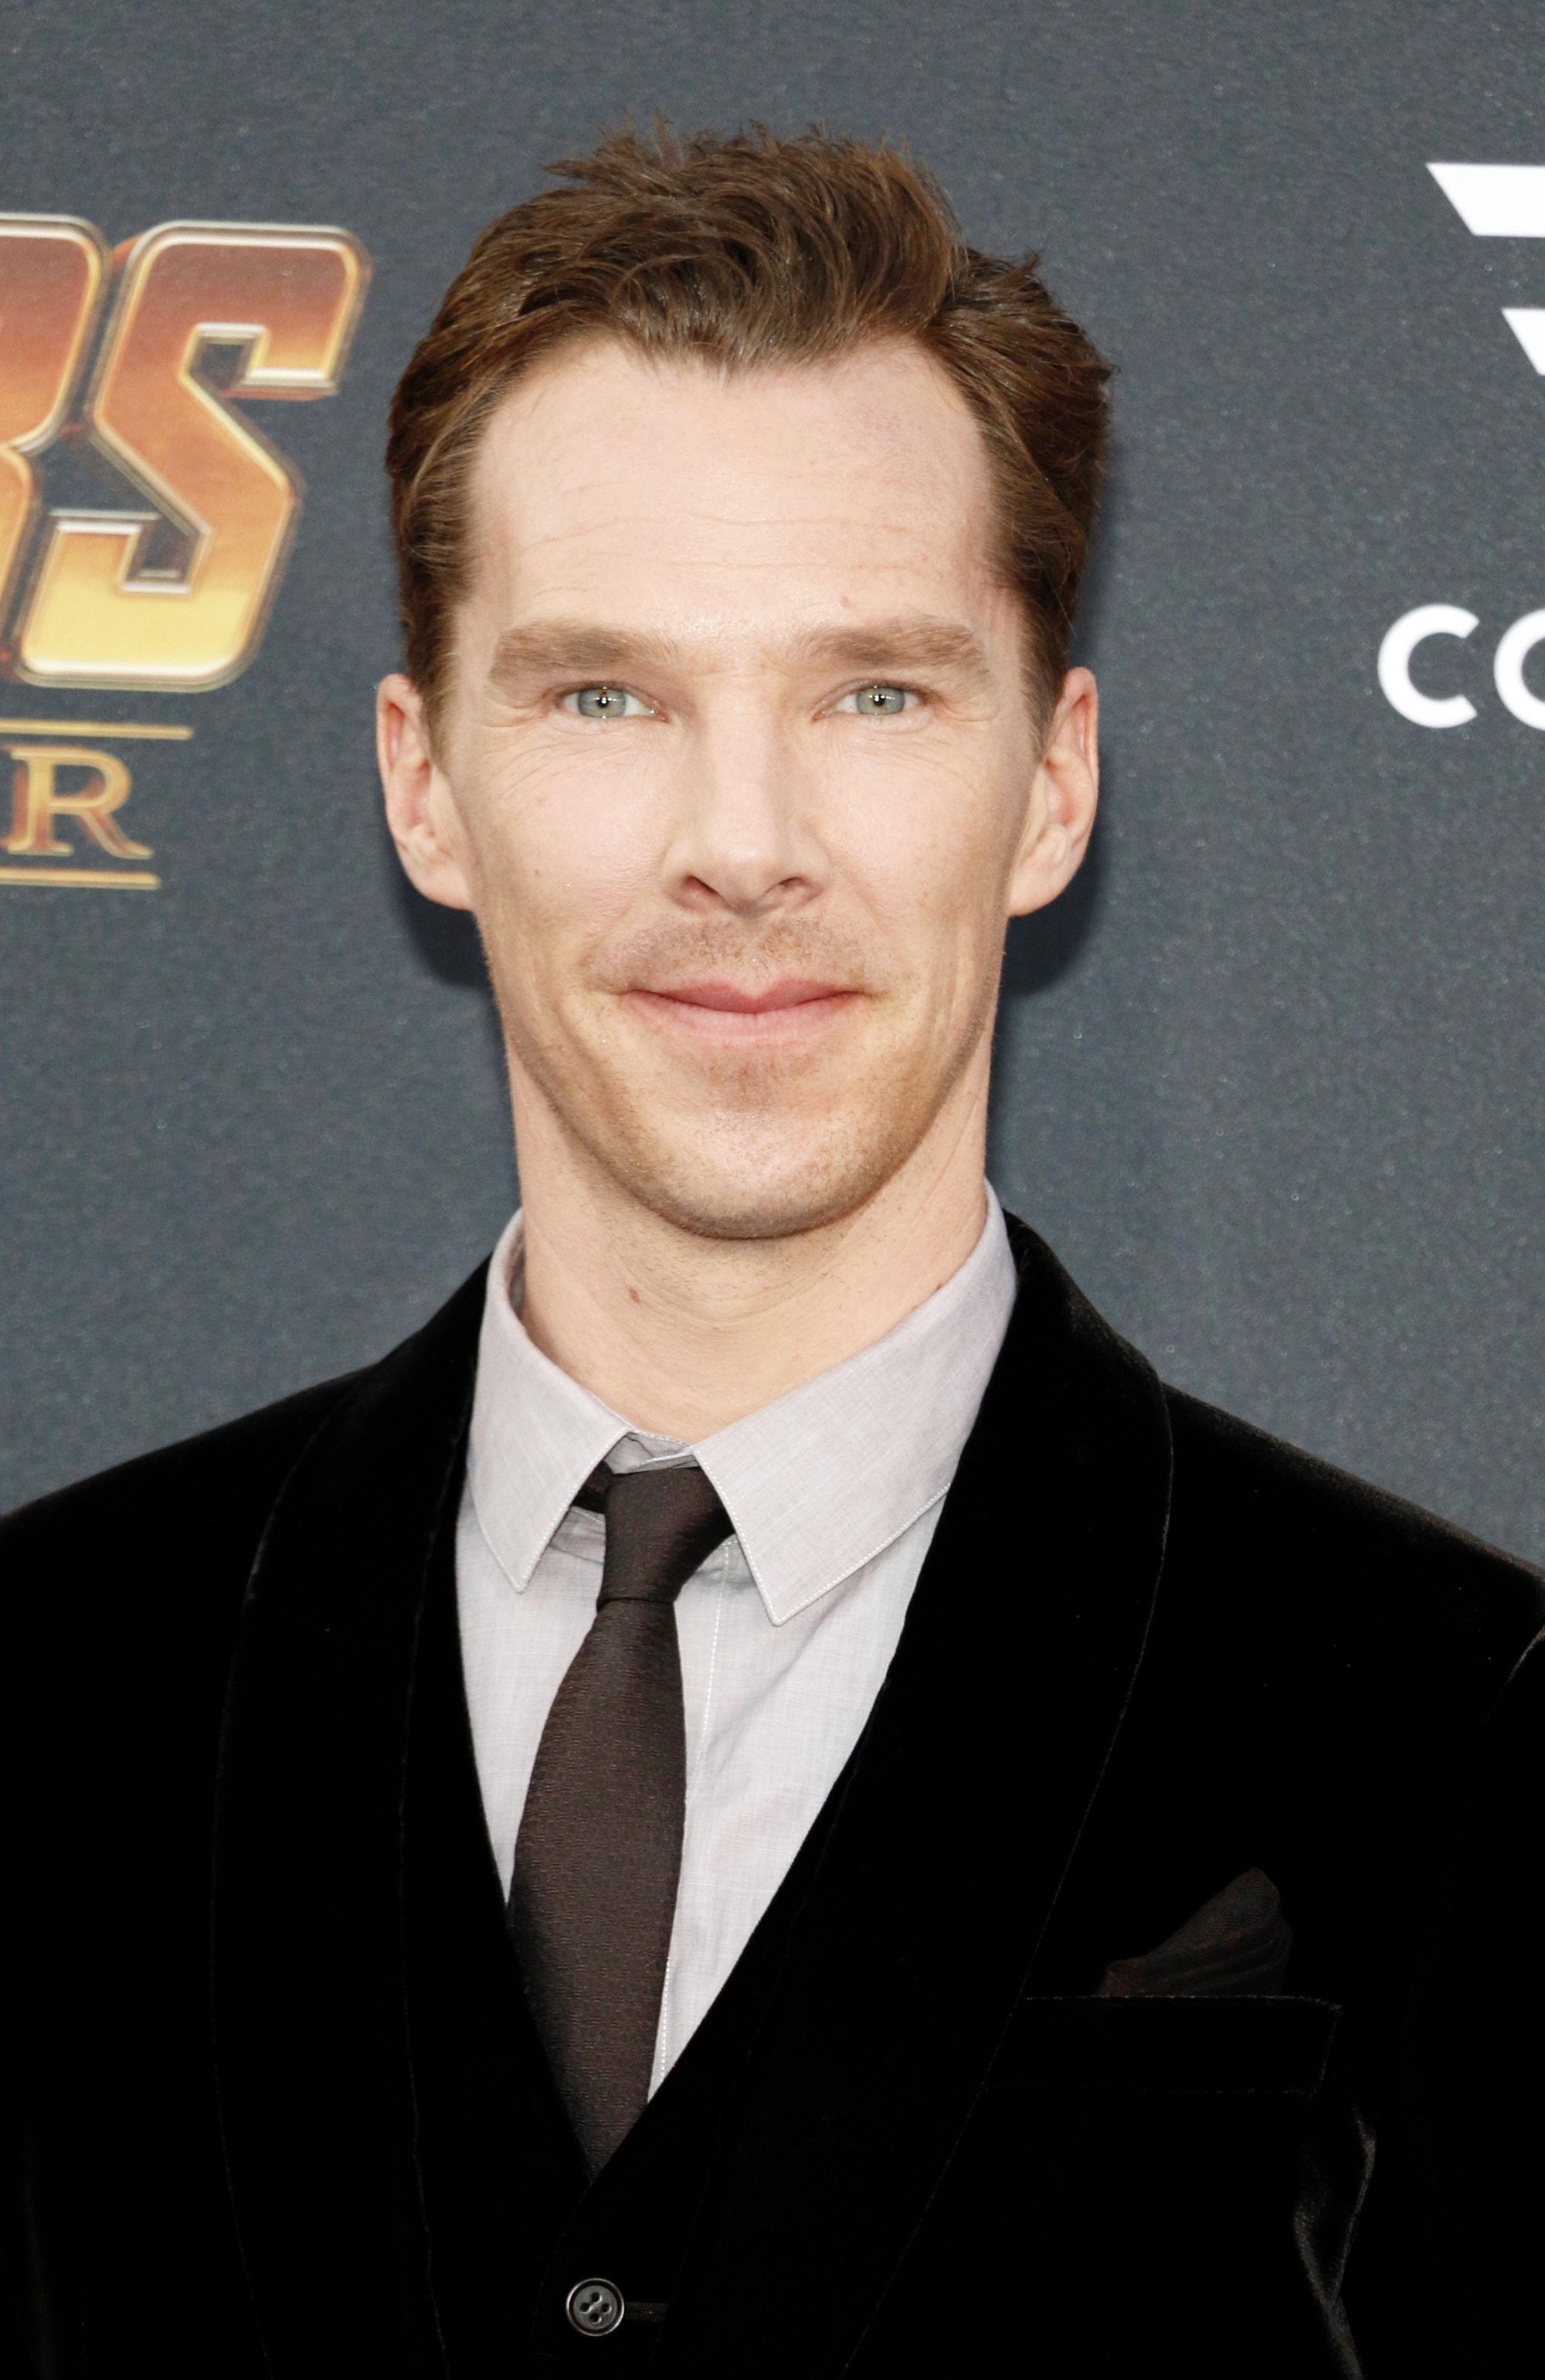 ทรงผม Benedict Cumberbatch